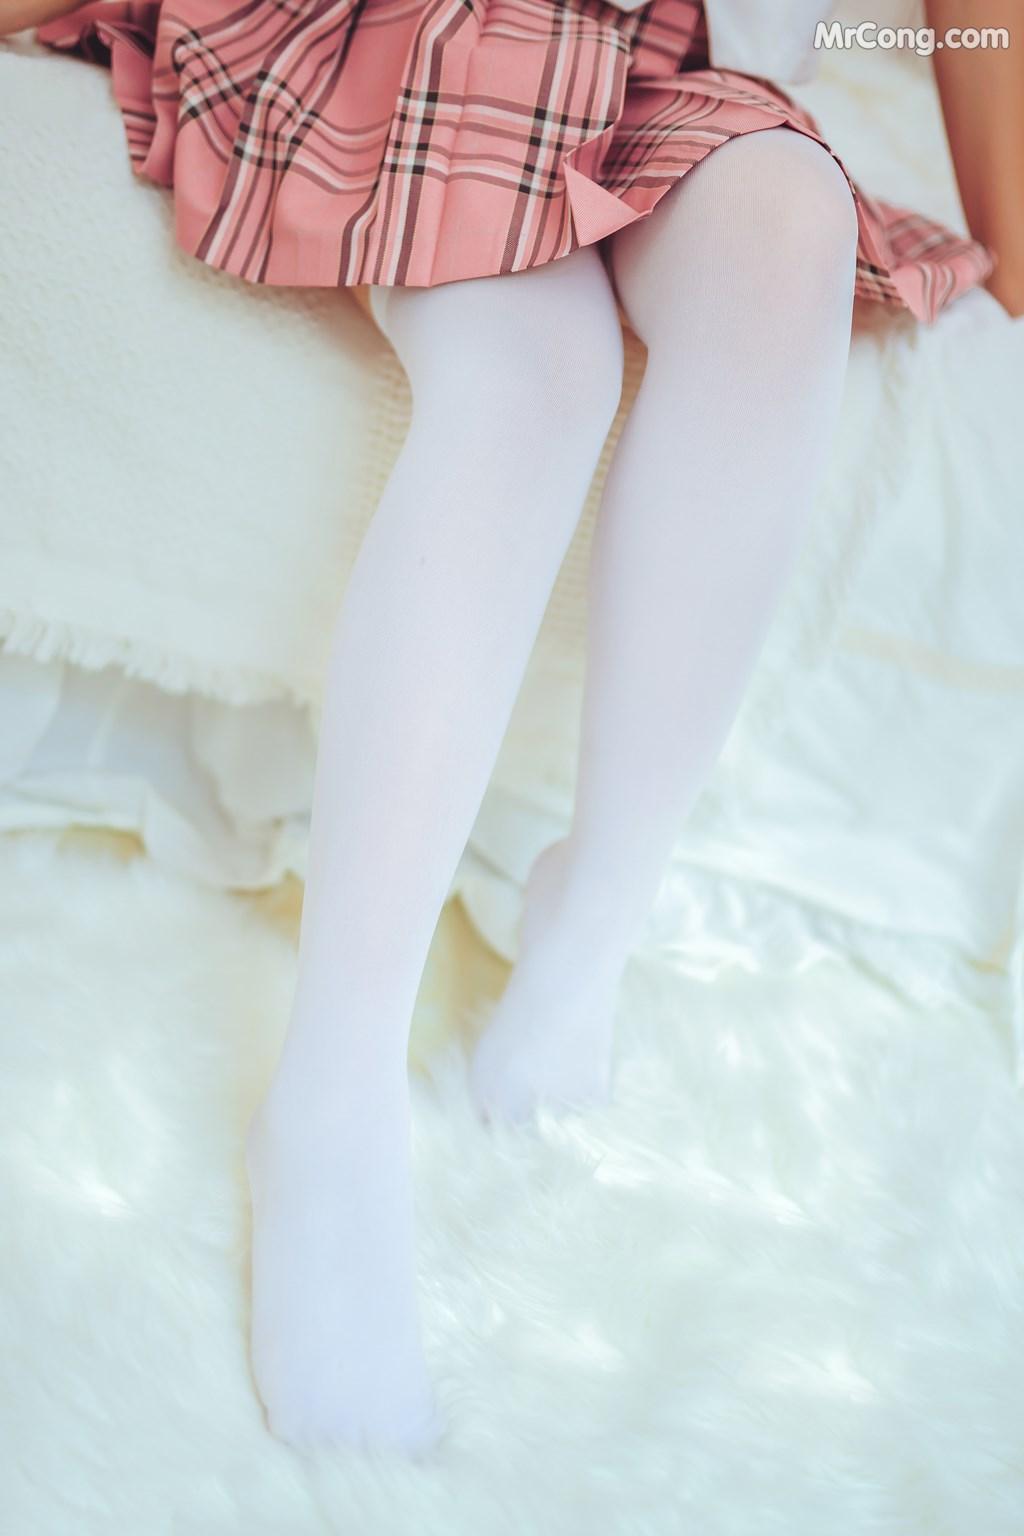 [MTCos] 喵糖映画 Vol.001: 绝对领域白丝过膝袜 (41P)